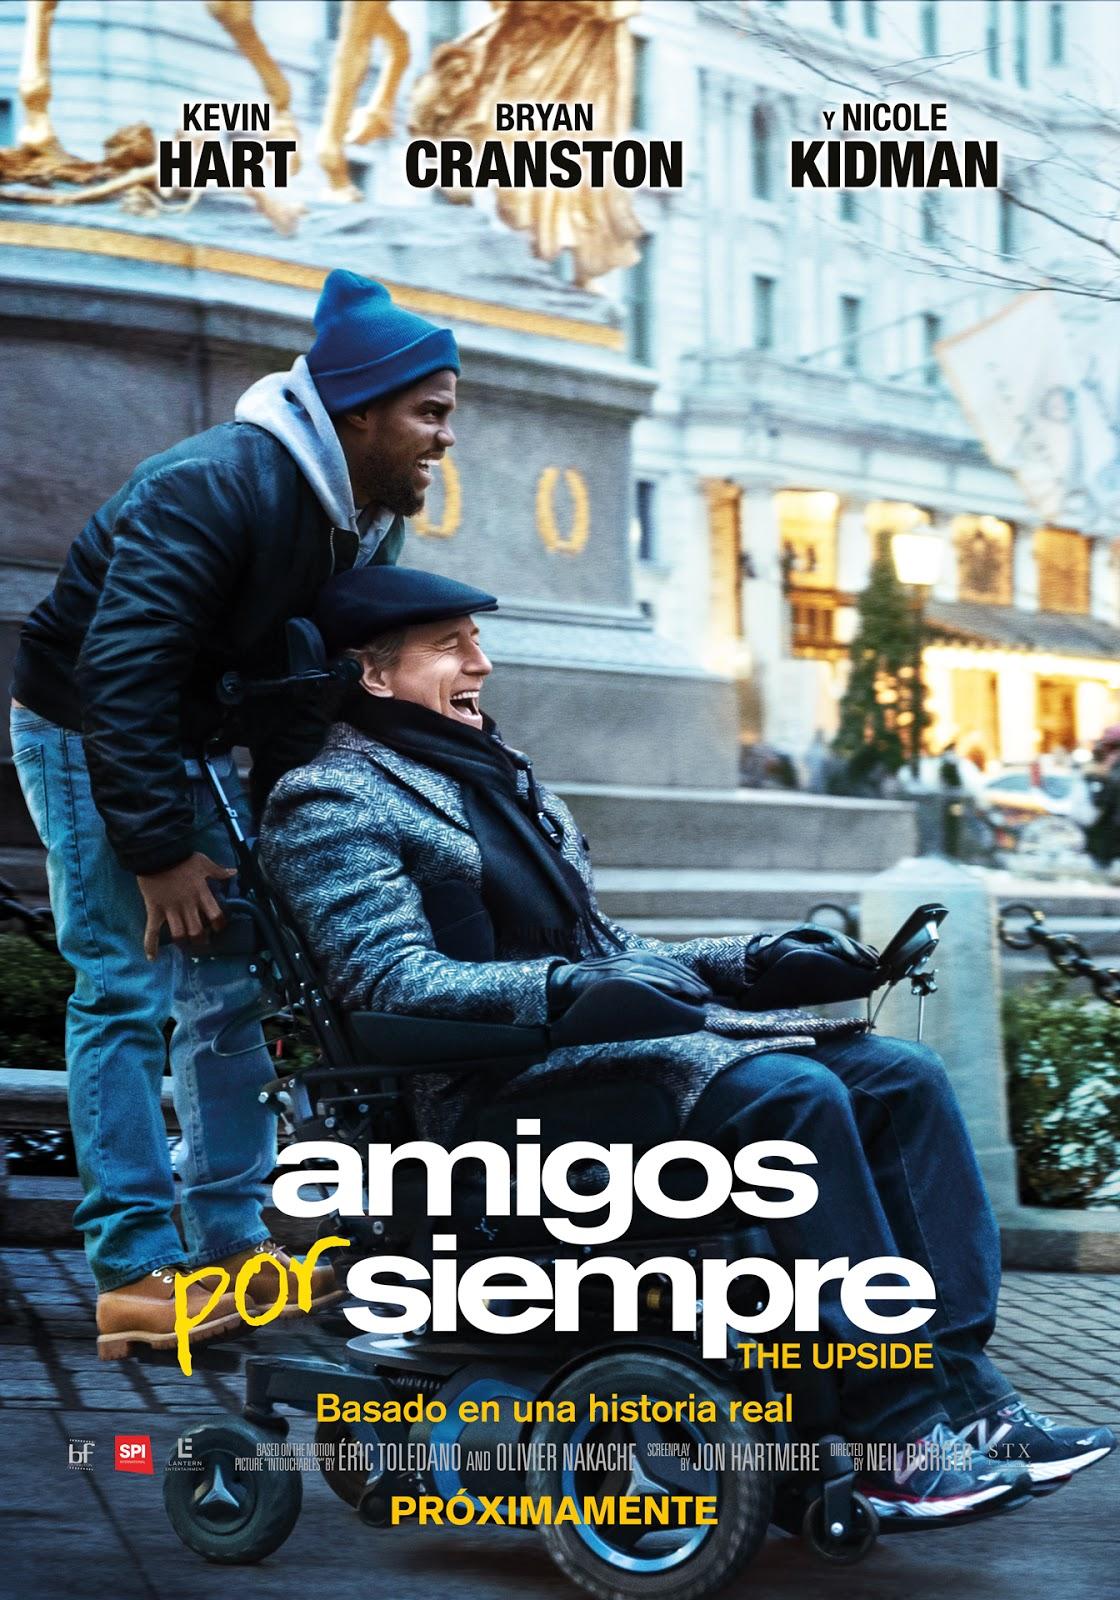 Noches de Cine: The upside (Amigos por siempre)